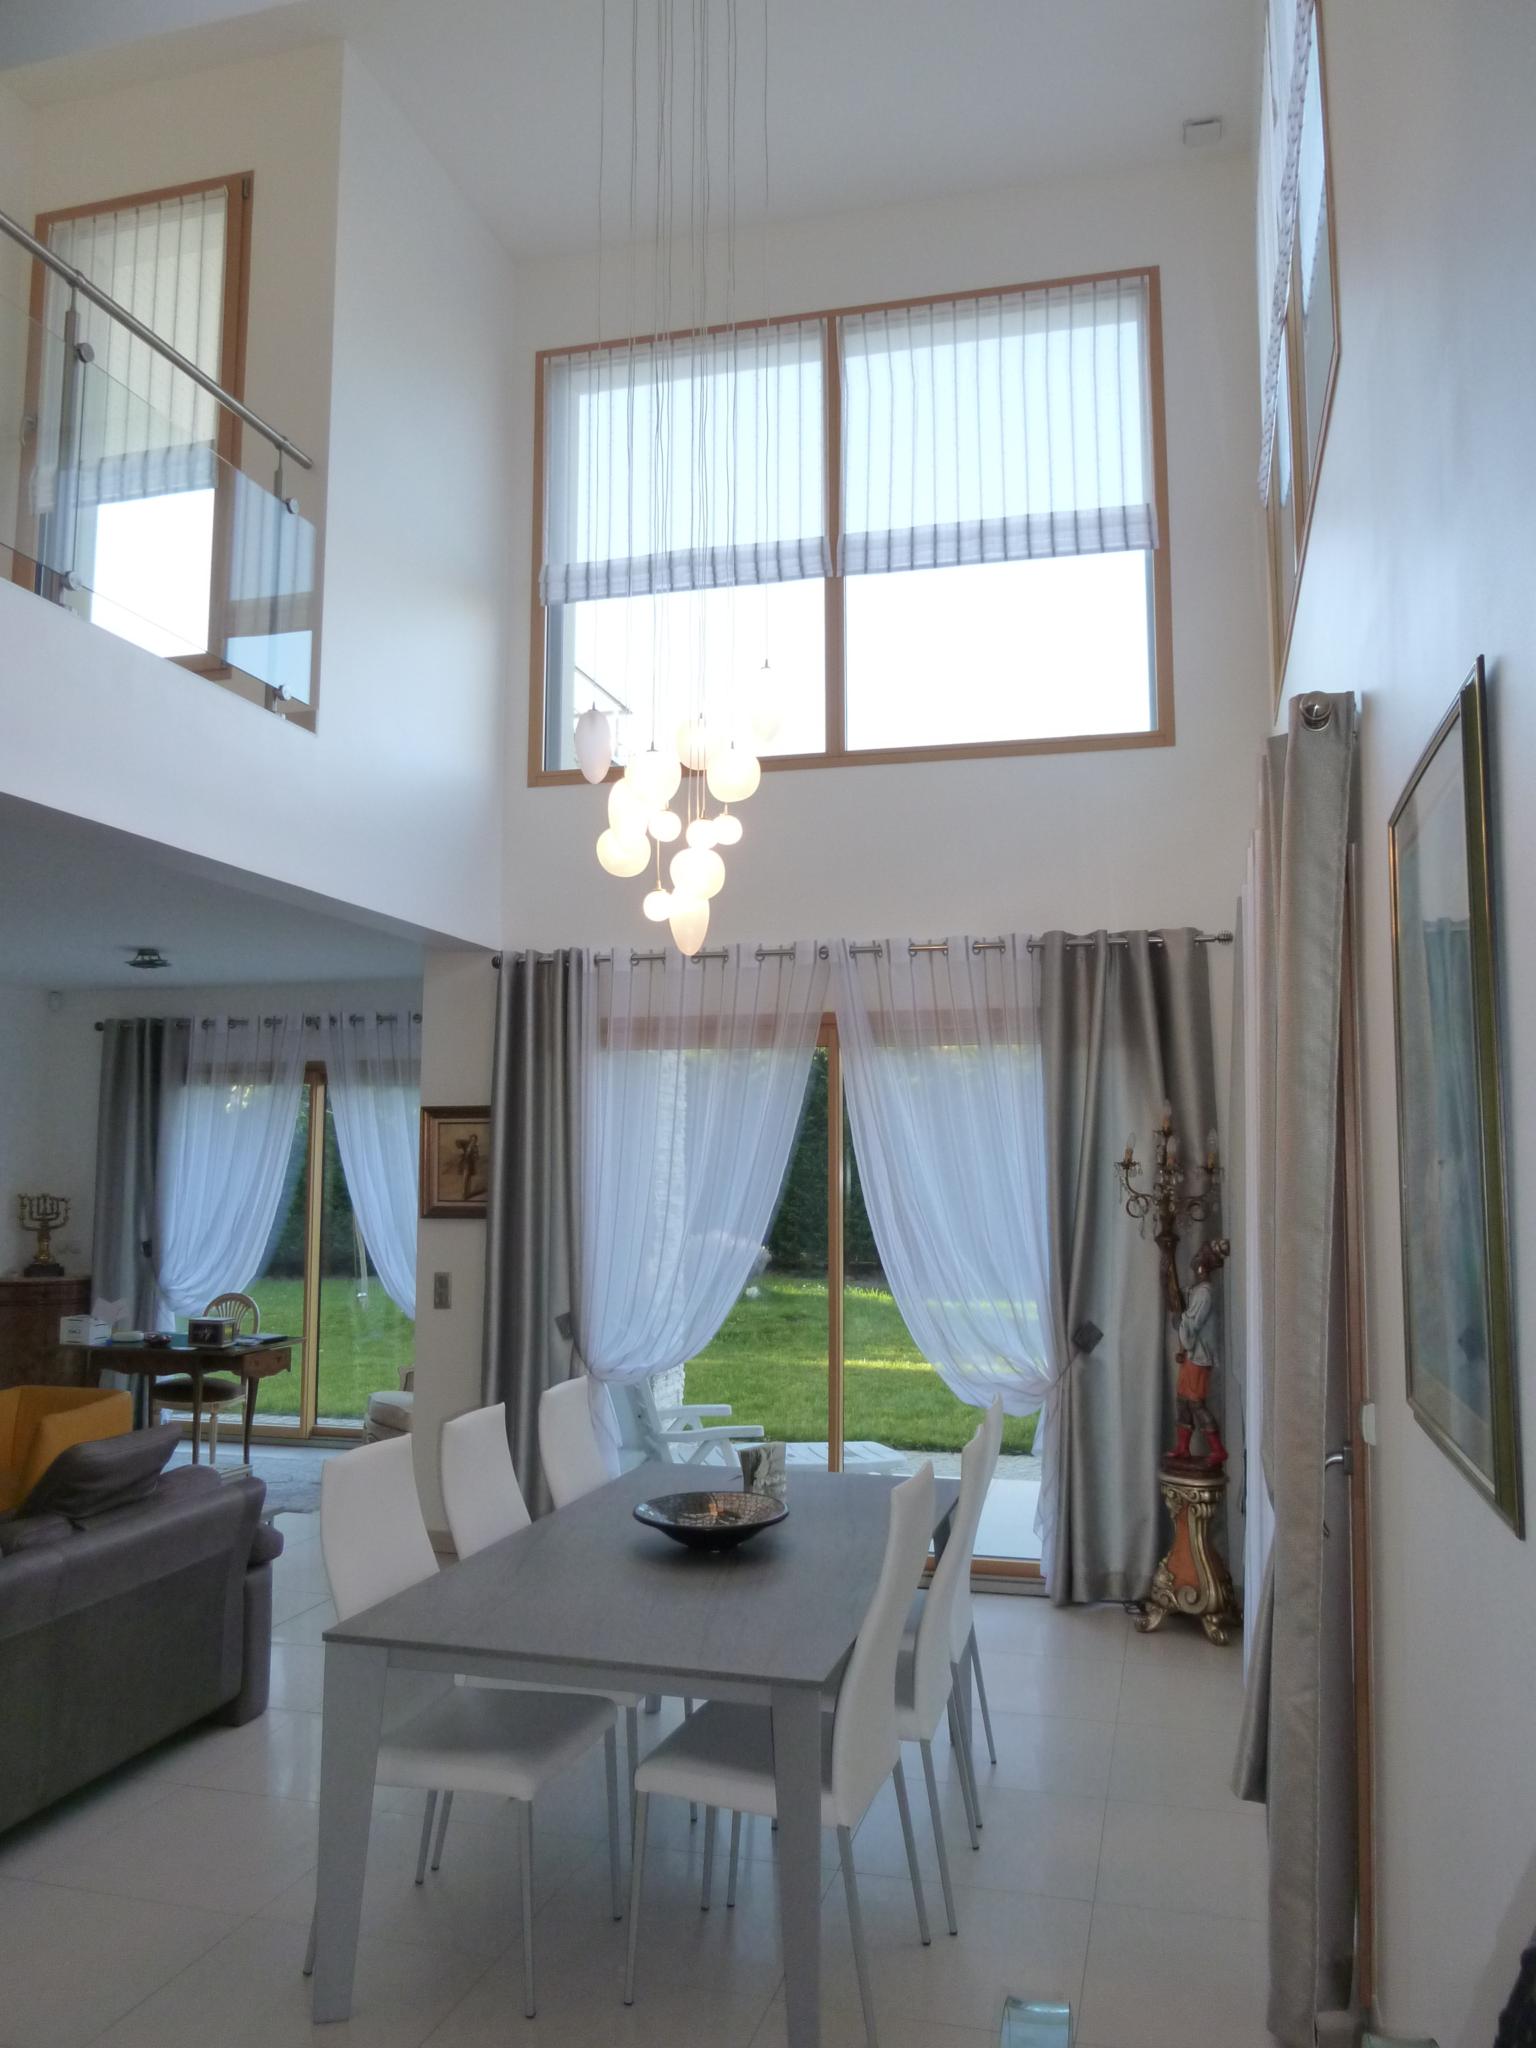 Photo couleur de l'intérieur du salon de la maison contemporaine avec des voilages blanc sur les baies vitrées